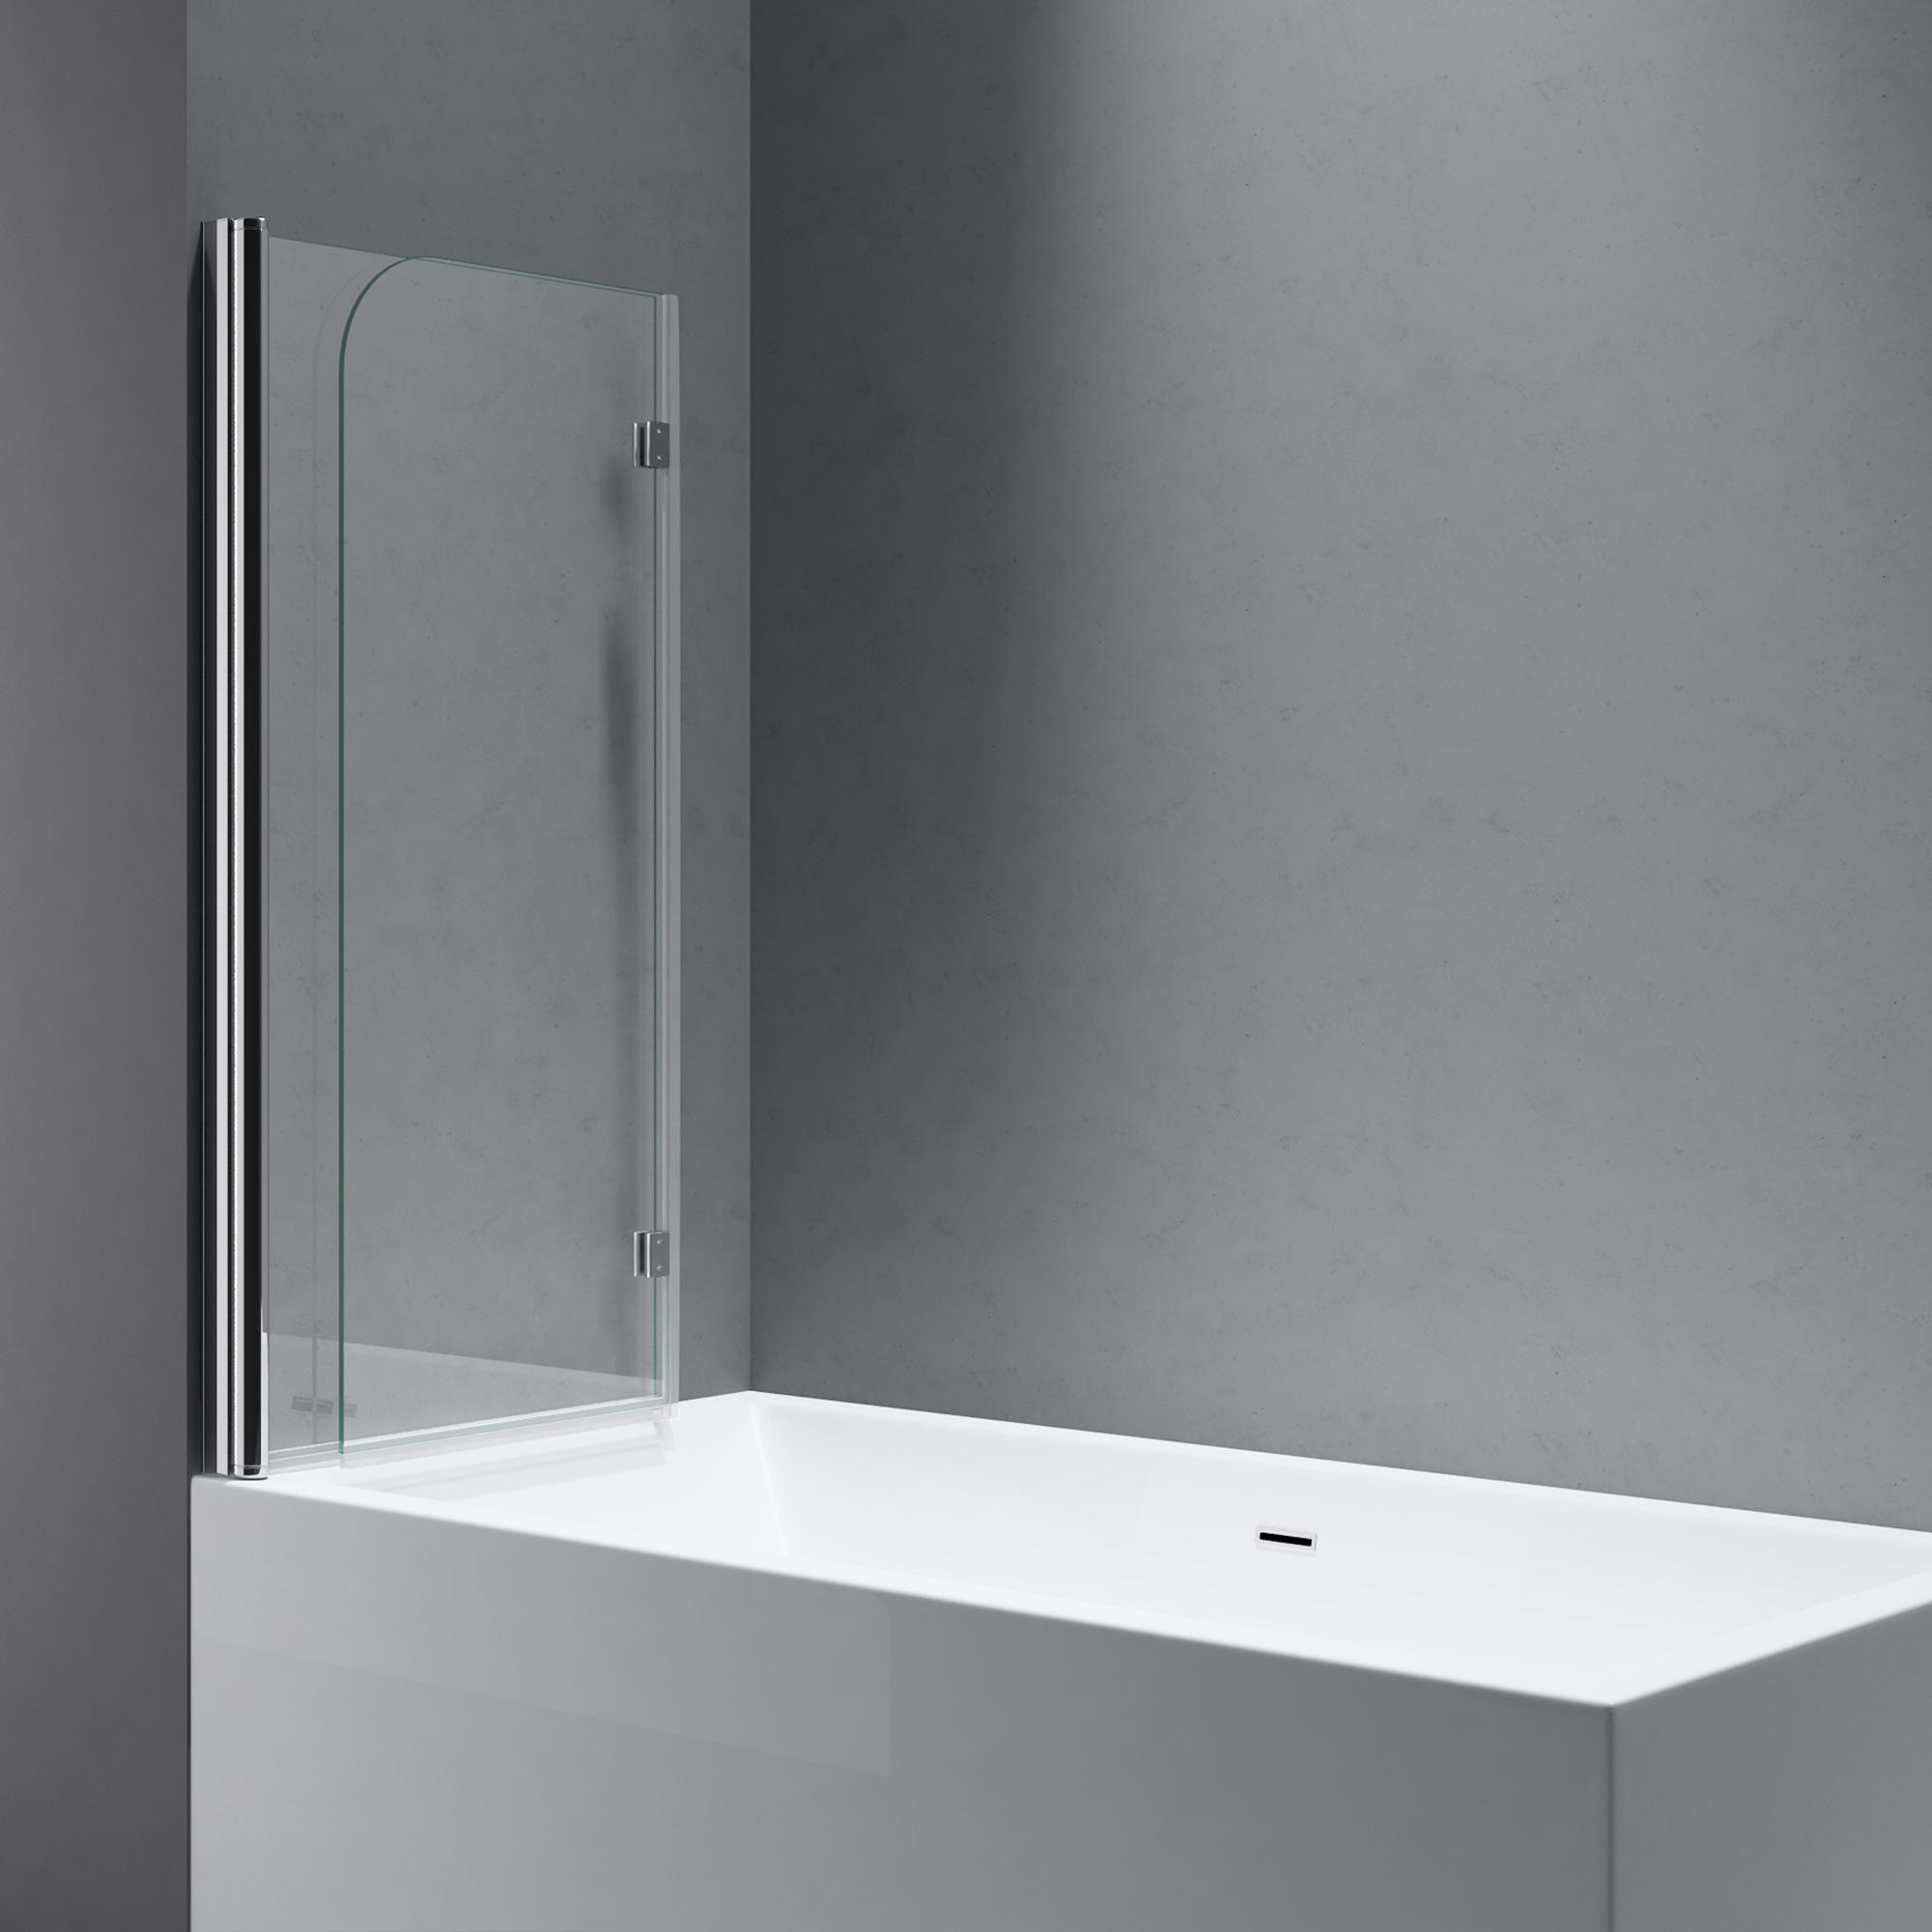 Indoor Whirlpools Wannen Heimwerker Sogood Duschabtrennung Duschwand Fur Badewanne Aus Esg Glas Badewannenfaltwand Granted Com Br